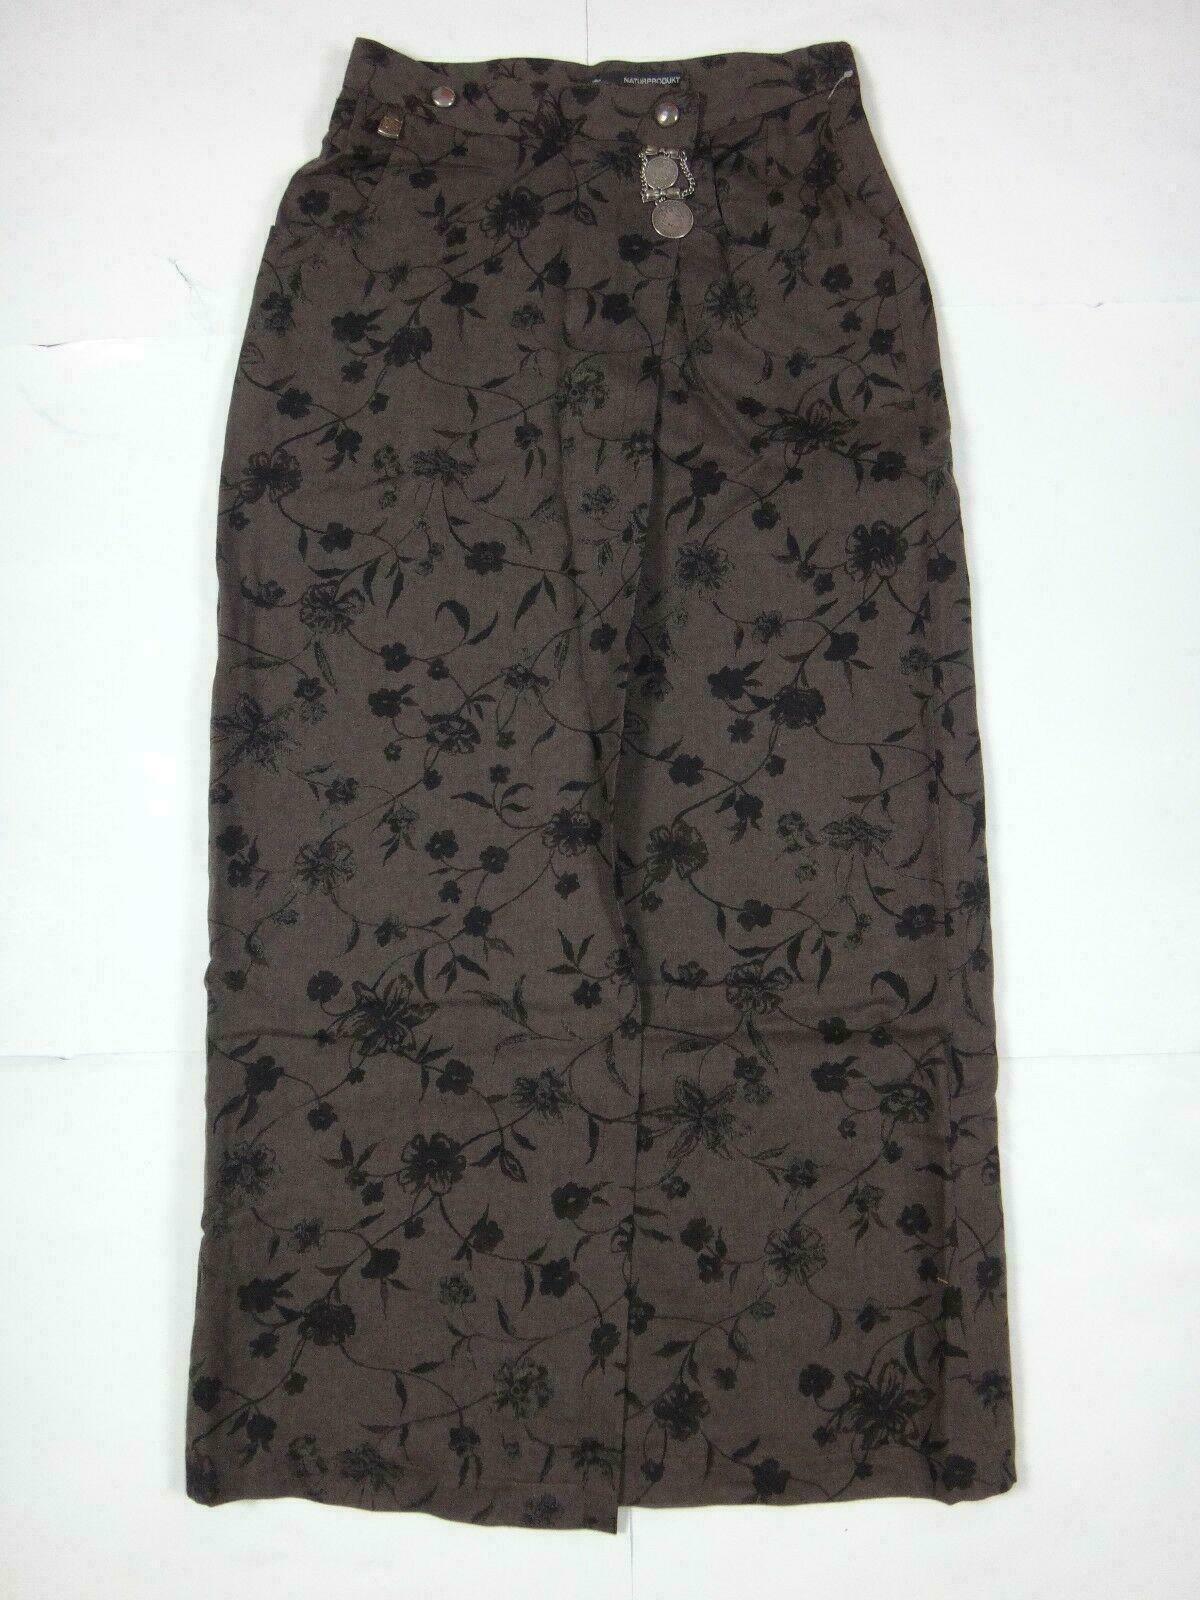 12601 Womens Skirt Hammerschmid Size 38 Brown; Button